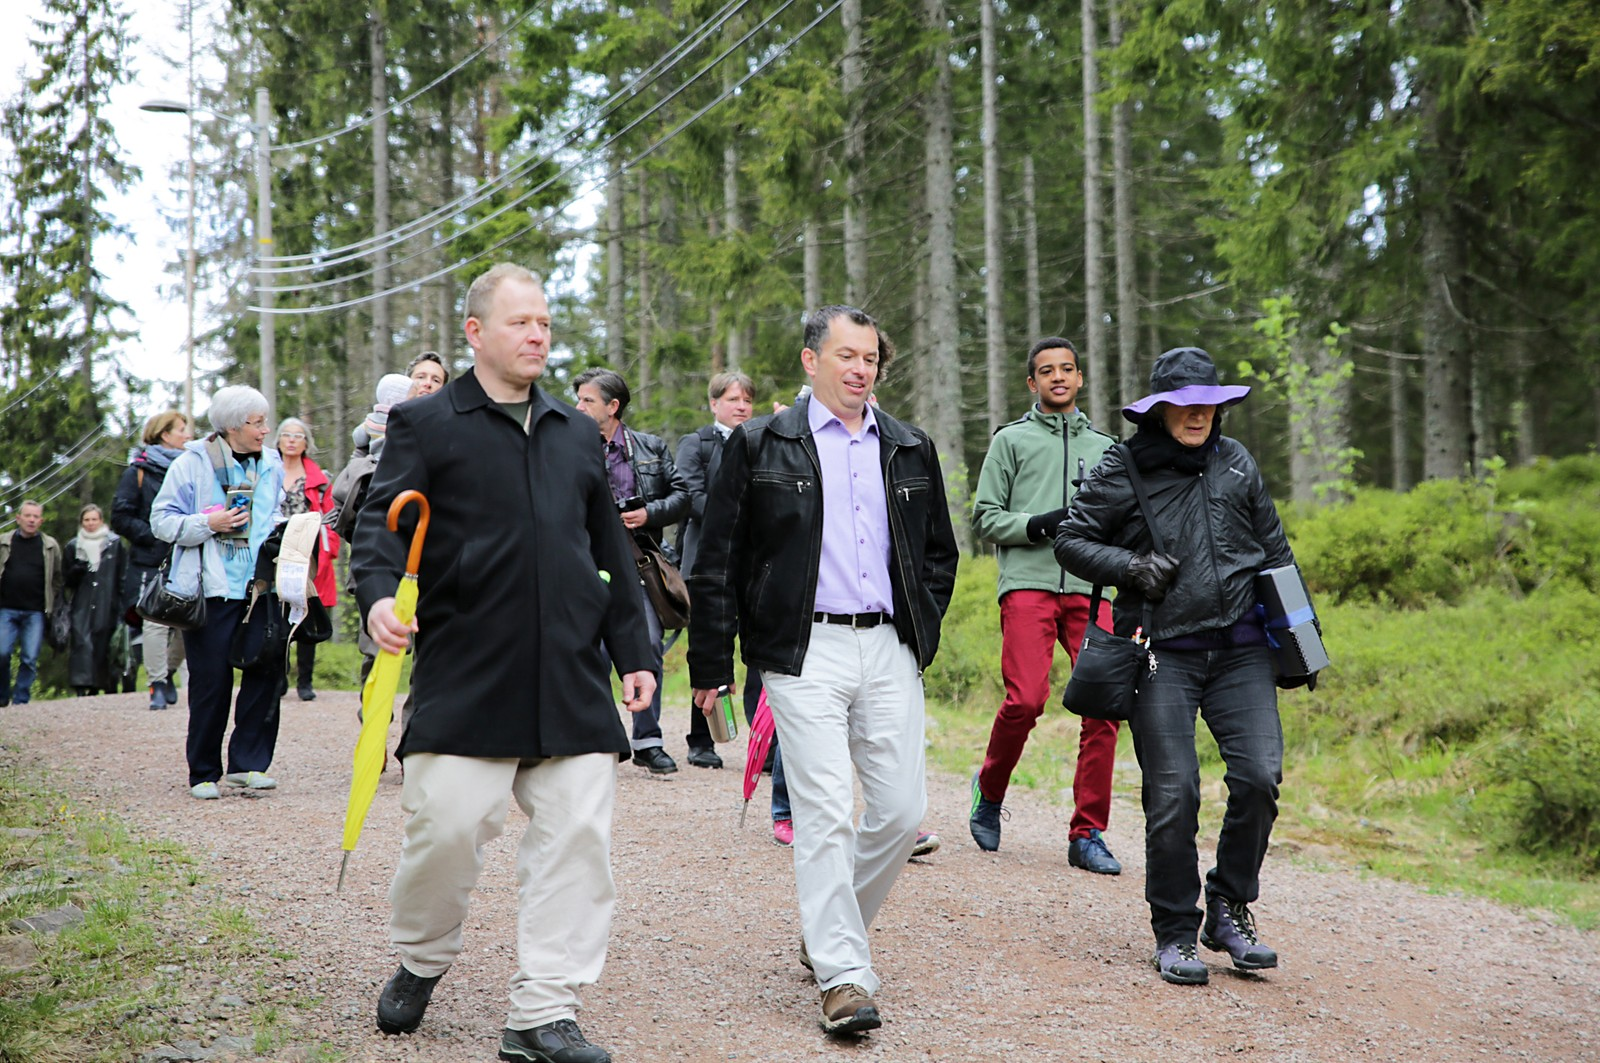 Med regnjakken på og manuset under armen, fikk Margaret Atwood følge av omlag 100 frammøtte nysgjerrige lesere og pressefolk på skogsveien innover i Nordmarka.